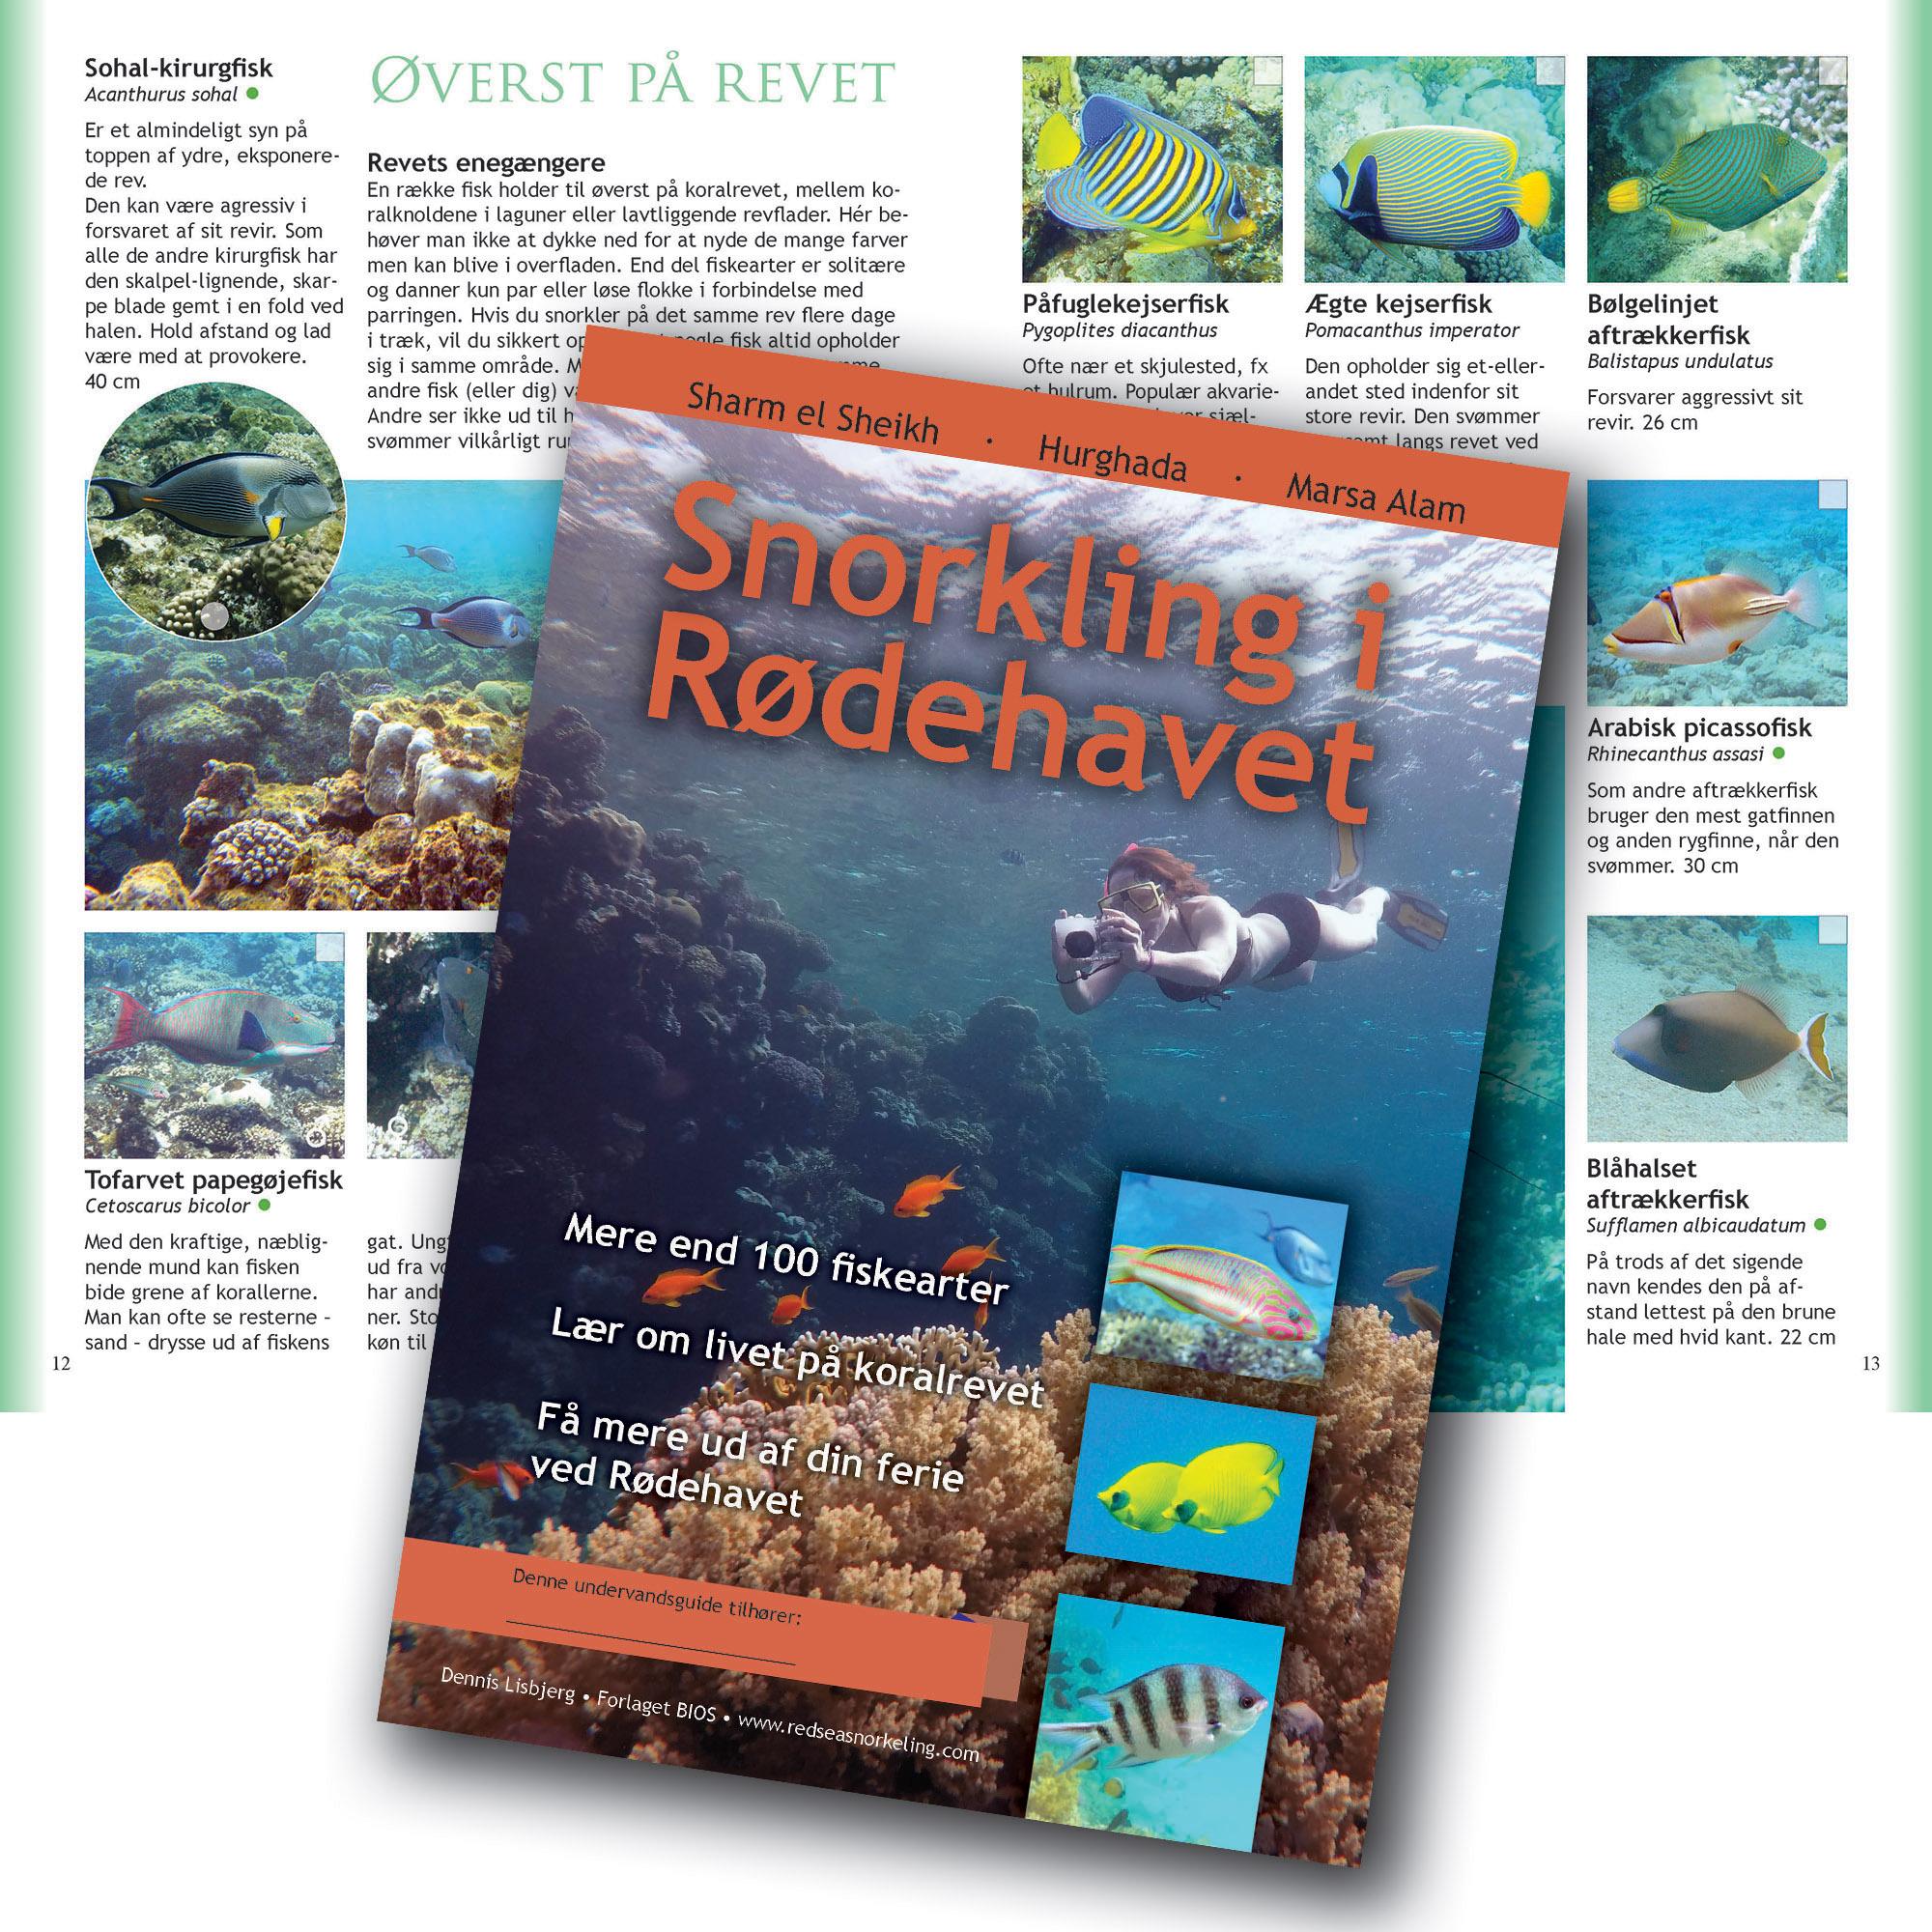 snorkling i Rødehavet - om koralrevets fisk i Sharm, Hurghada, Marsa Alam